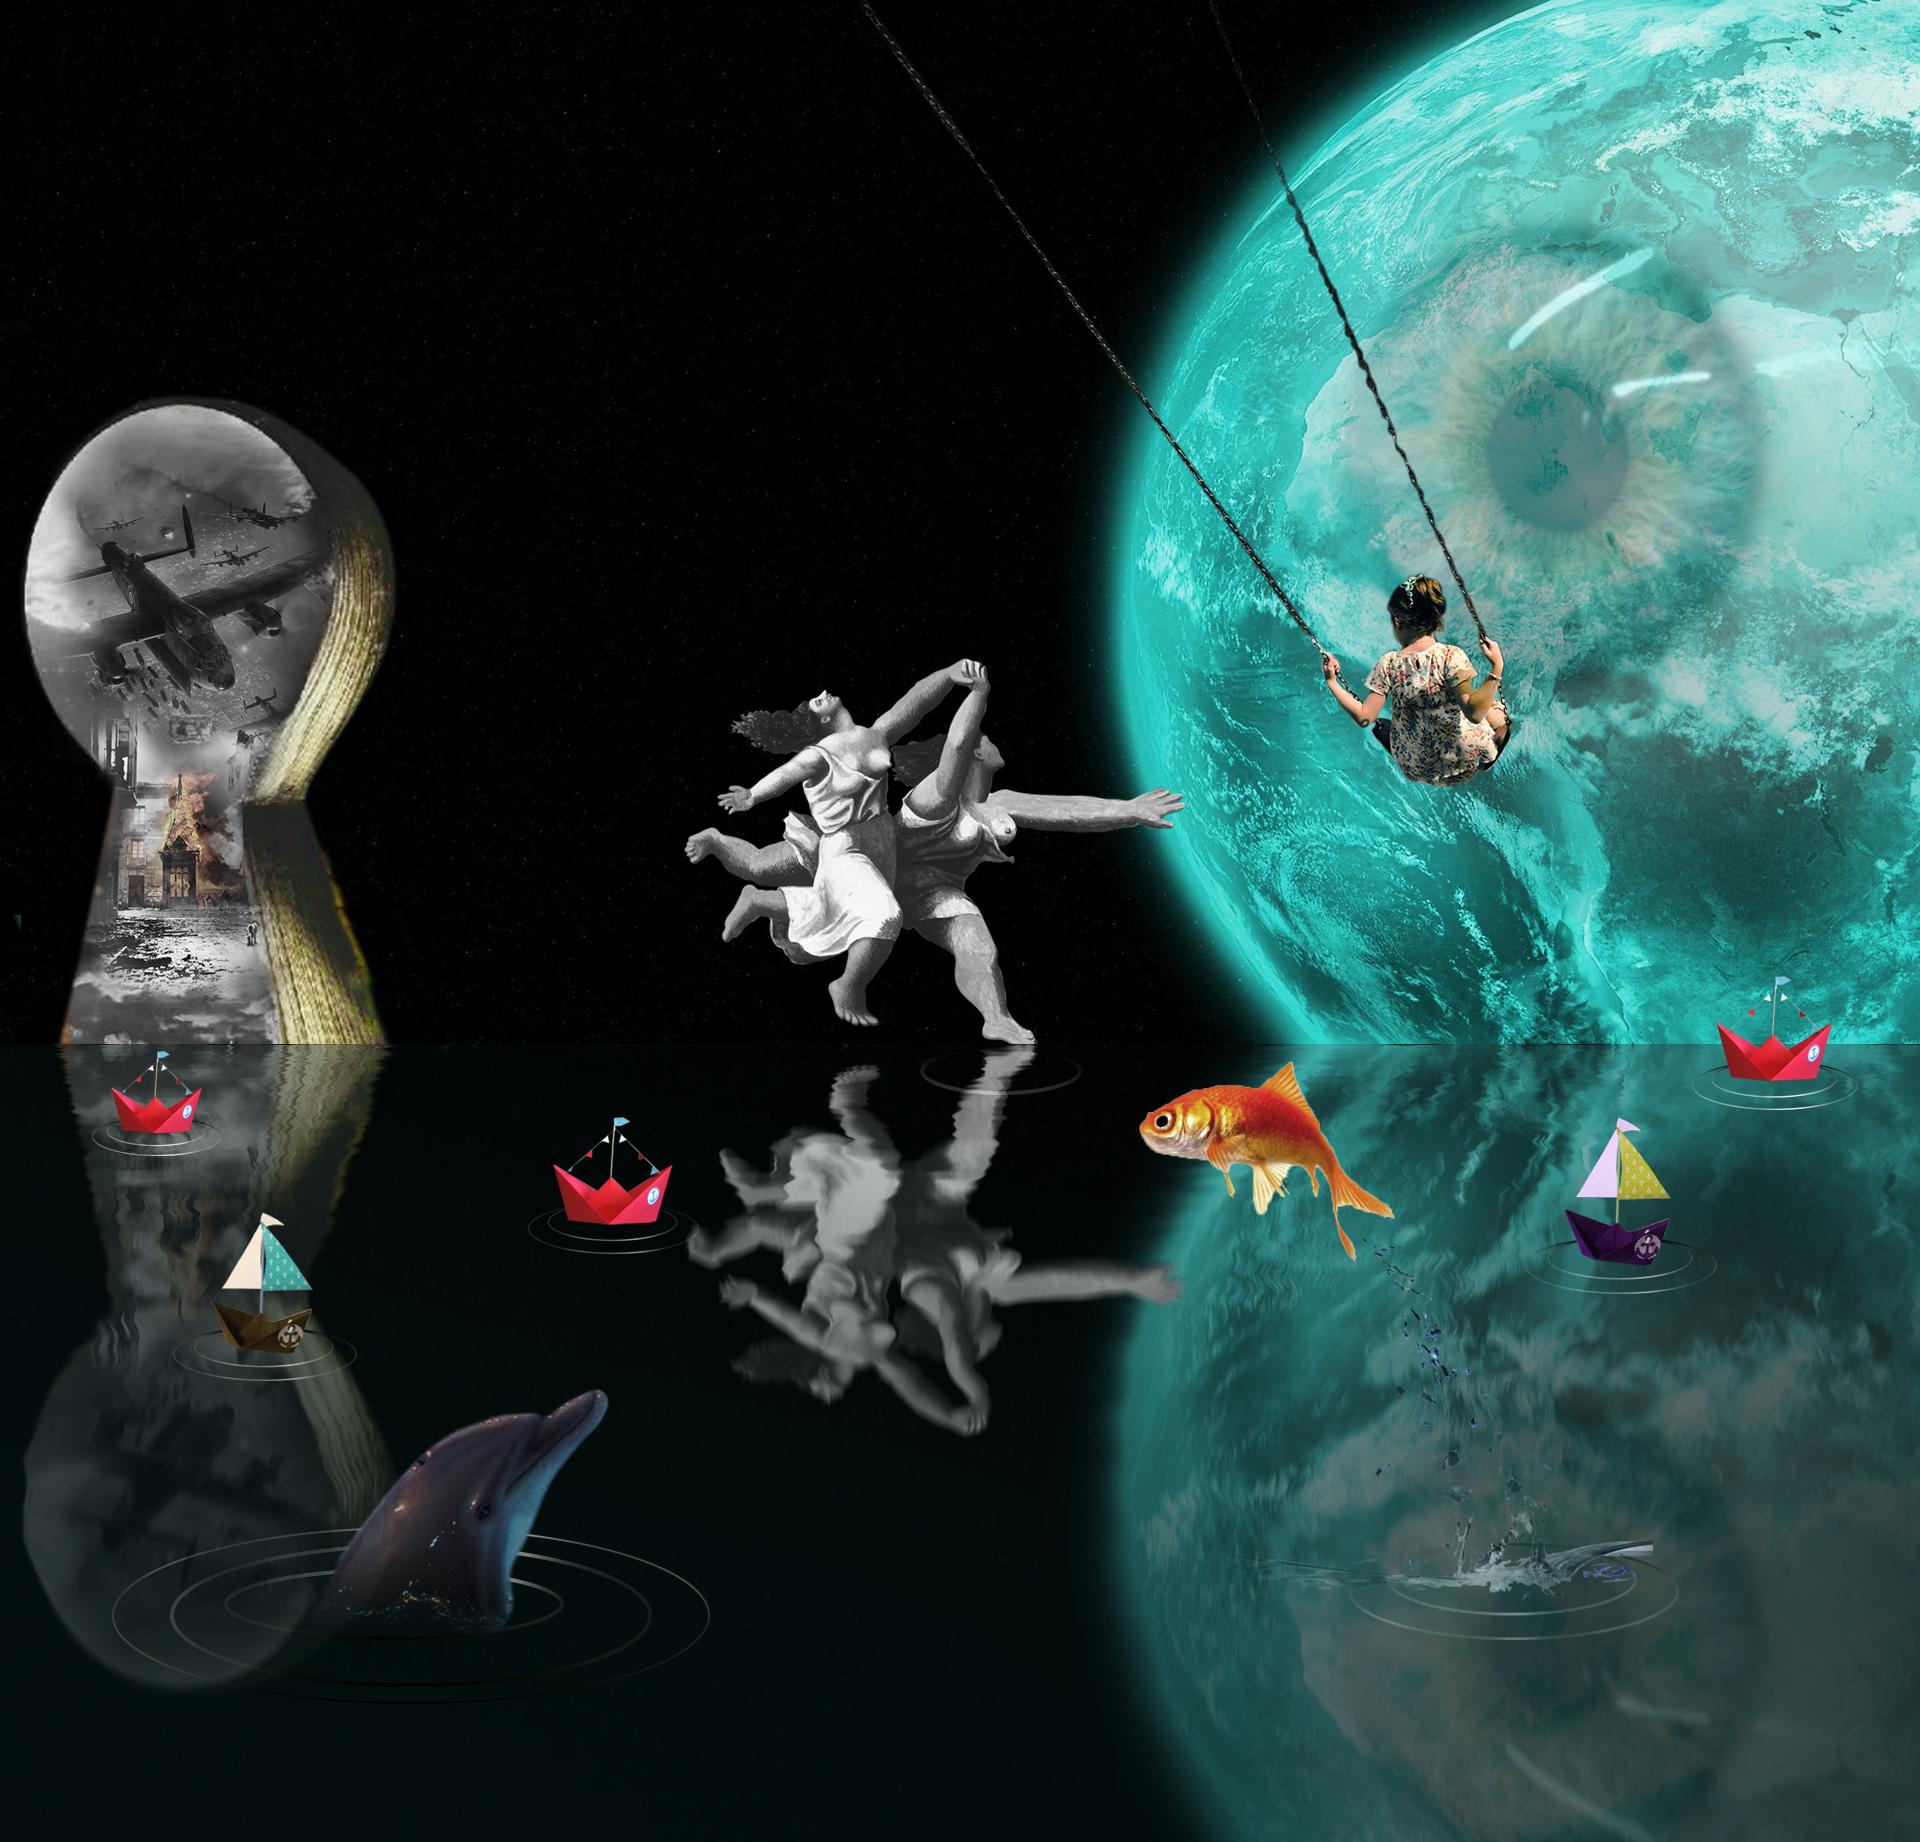 Collage surrealista con luna-ojo gigante y cerradura con aviones tirando bombas. Mujeres corriendo de Picasso en Blanco y negro. Niña columpio y delfín, pez y barquitos. Loco Mundo Arte y Bohemia